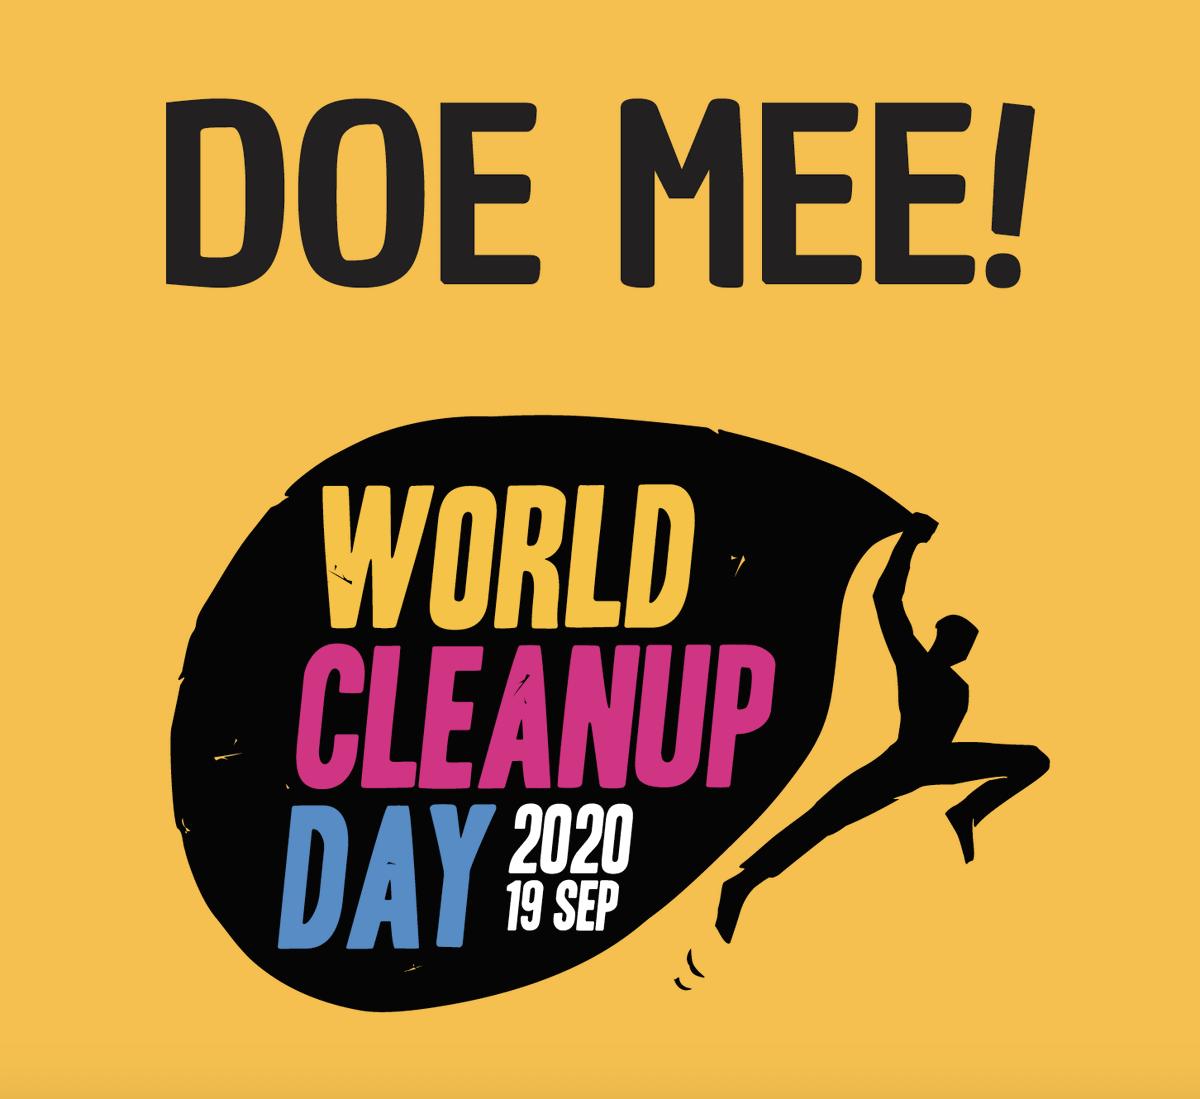 ♻️🥤| Ben jij klaar voor World Cleanup Day? Vandaag is het al zover! Je kunt je nu nog aanmelden via https://t.co/P674xmZ762. #zwerfafval #omrin #worldcleanupday2020 #plasticsoup #opruimactie https://t.co/6WgJL2e6Dc